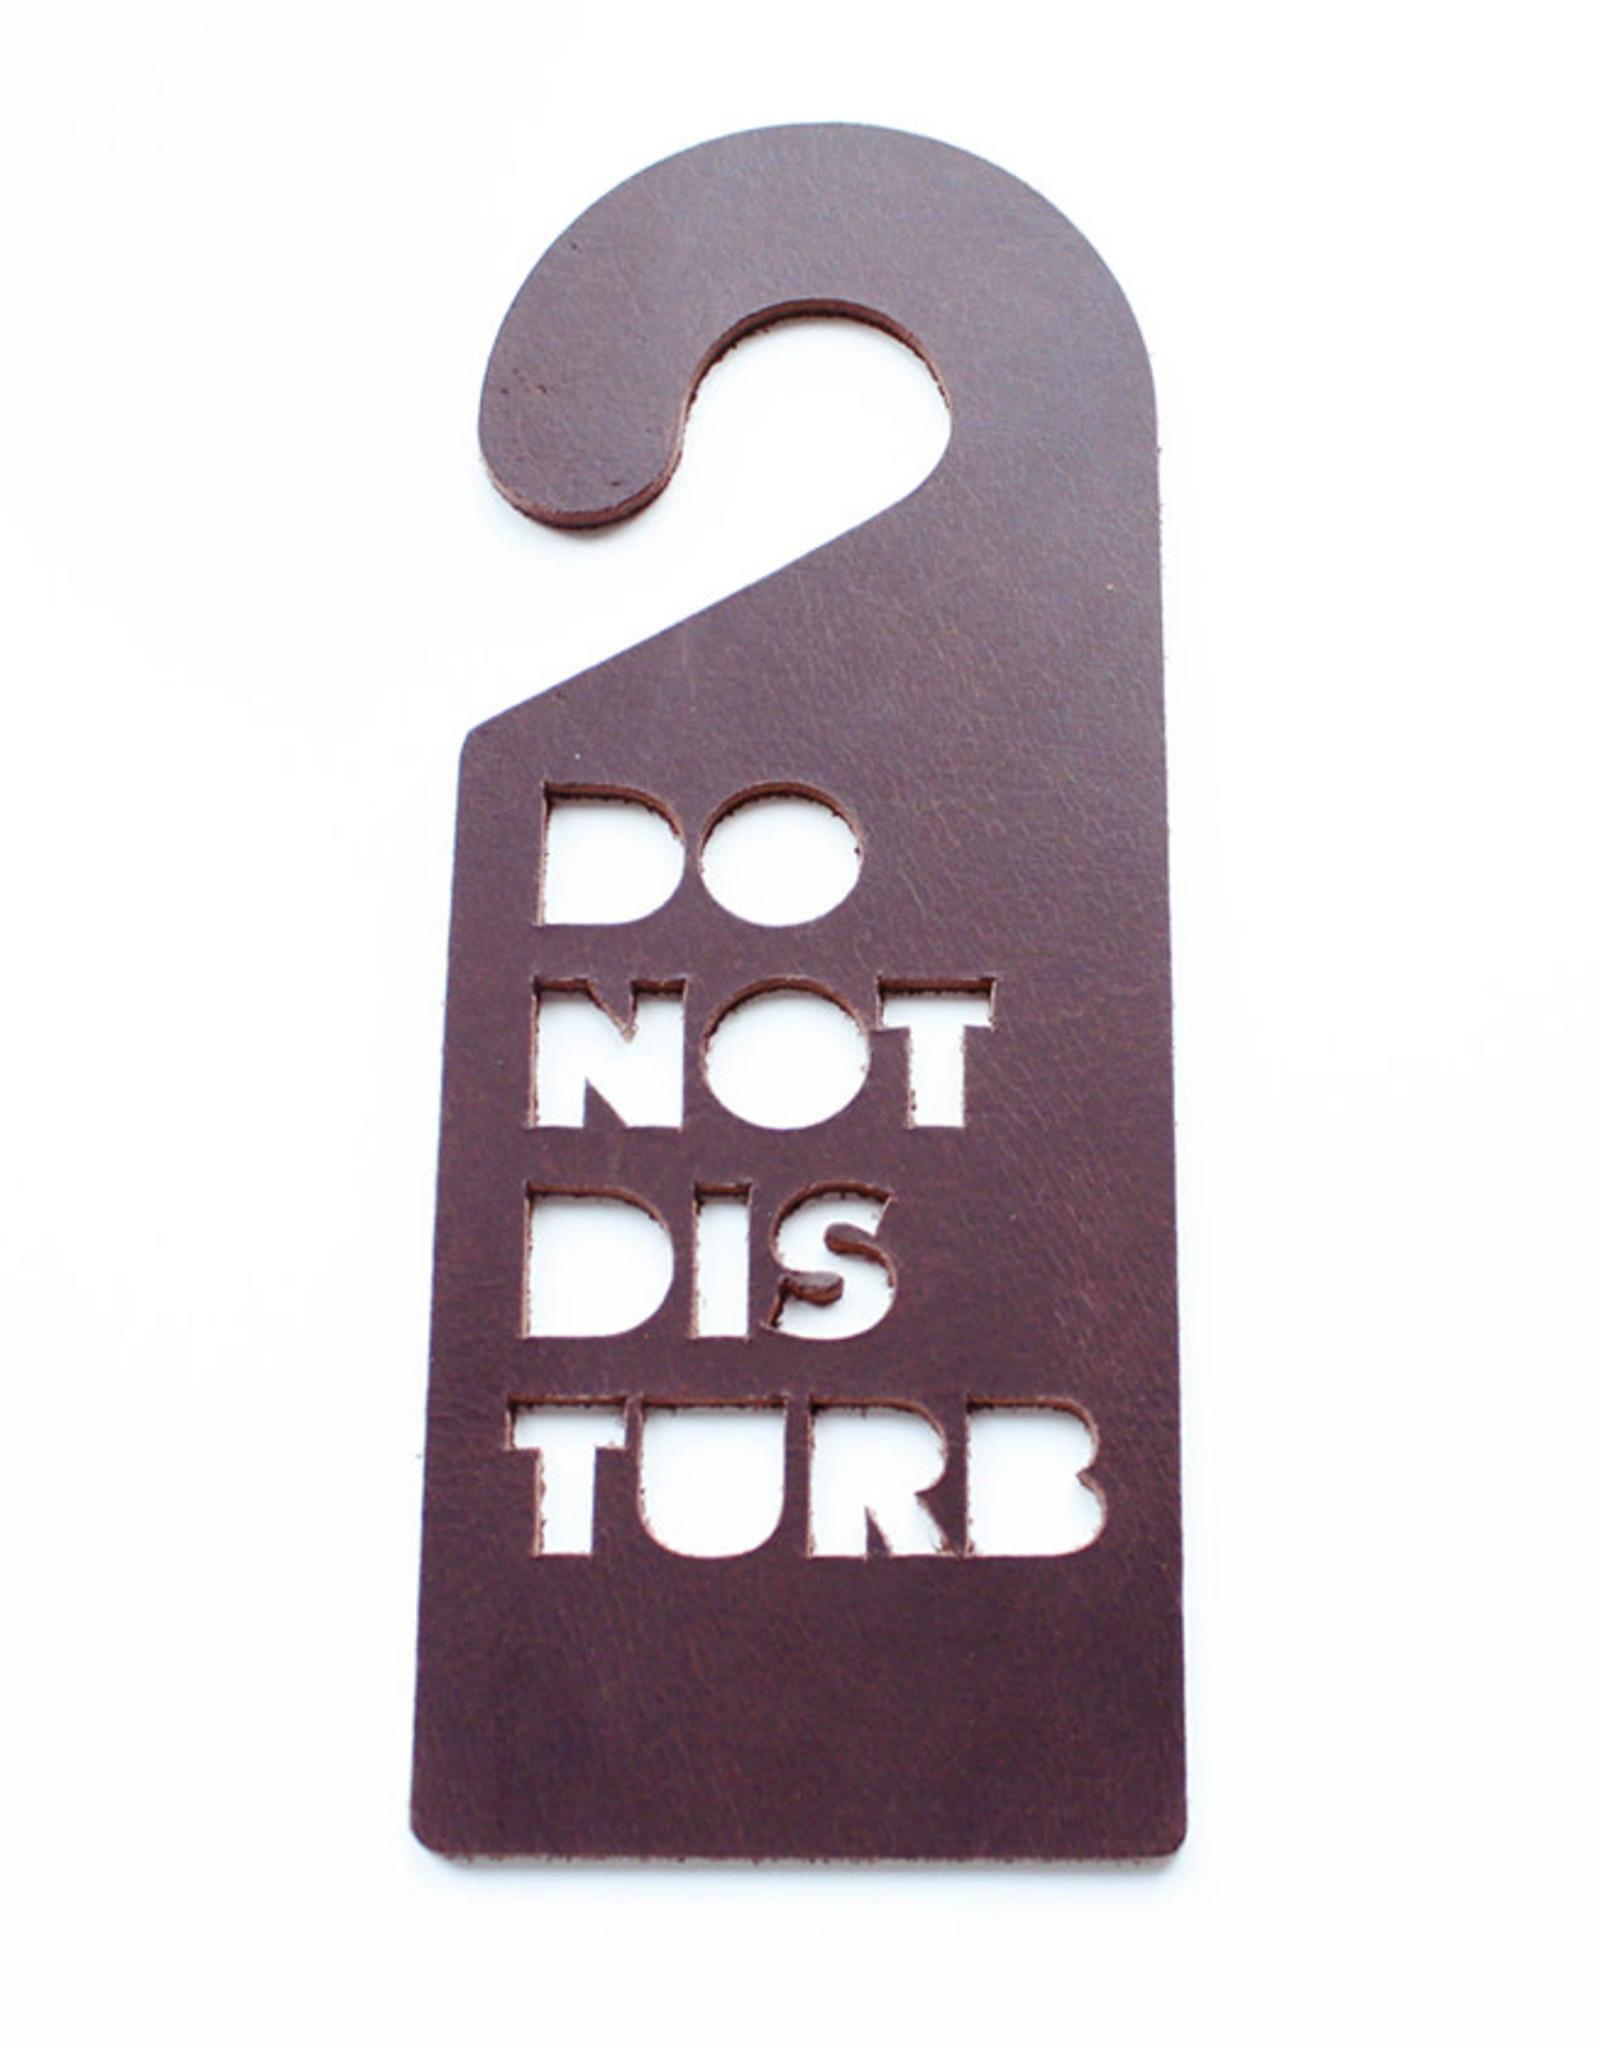 Doorhanger DISTURB-chocolate brown